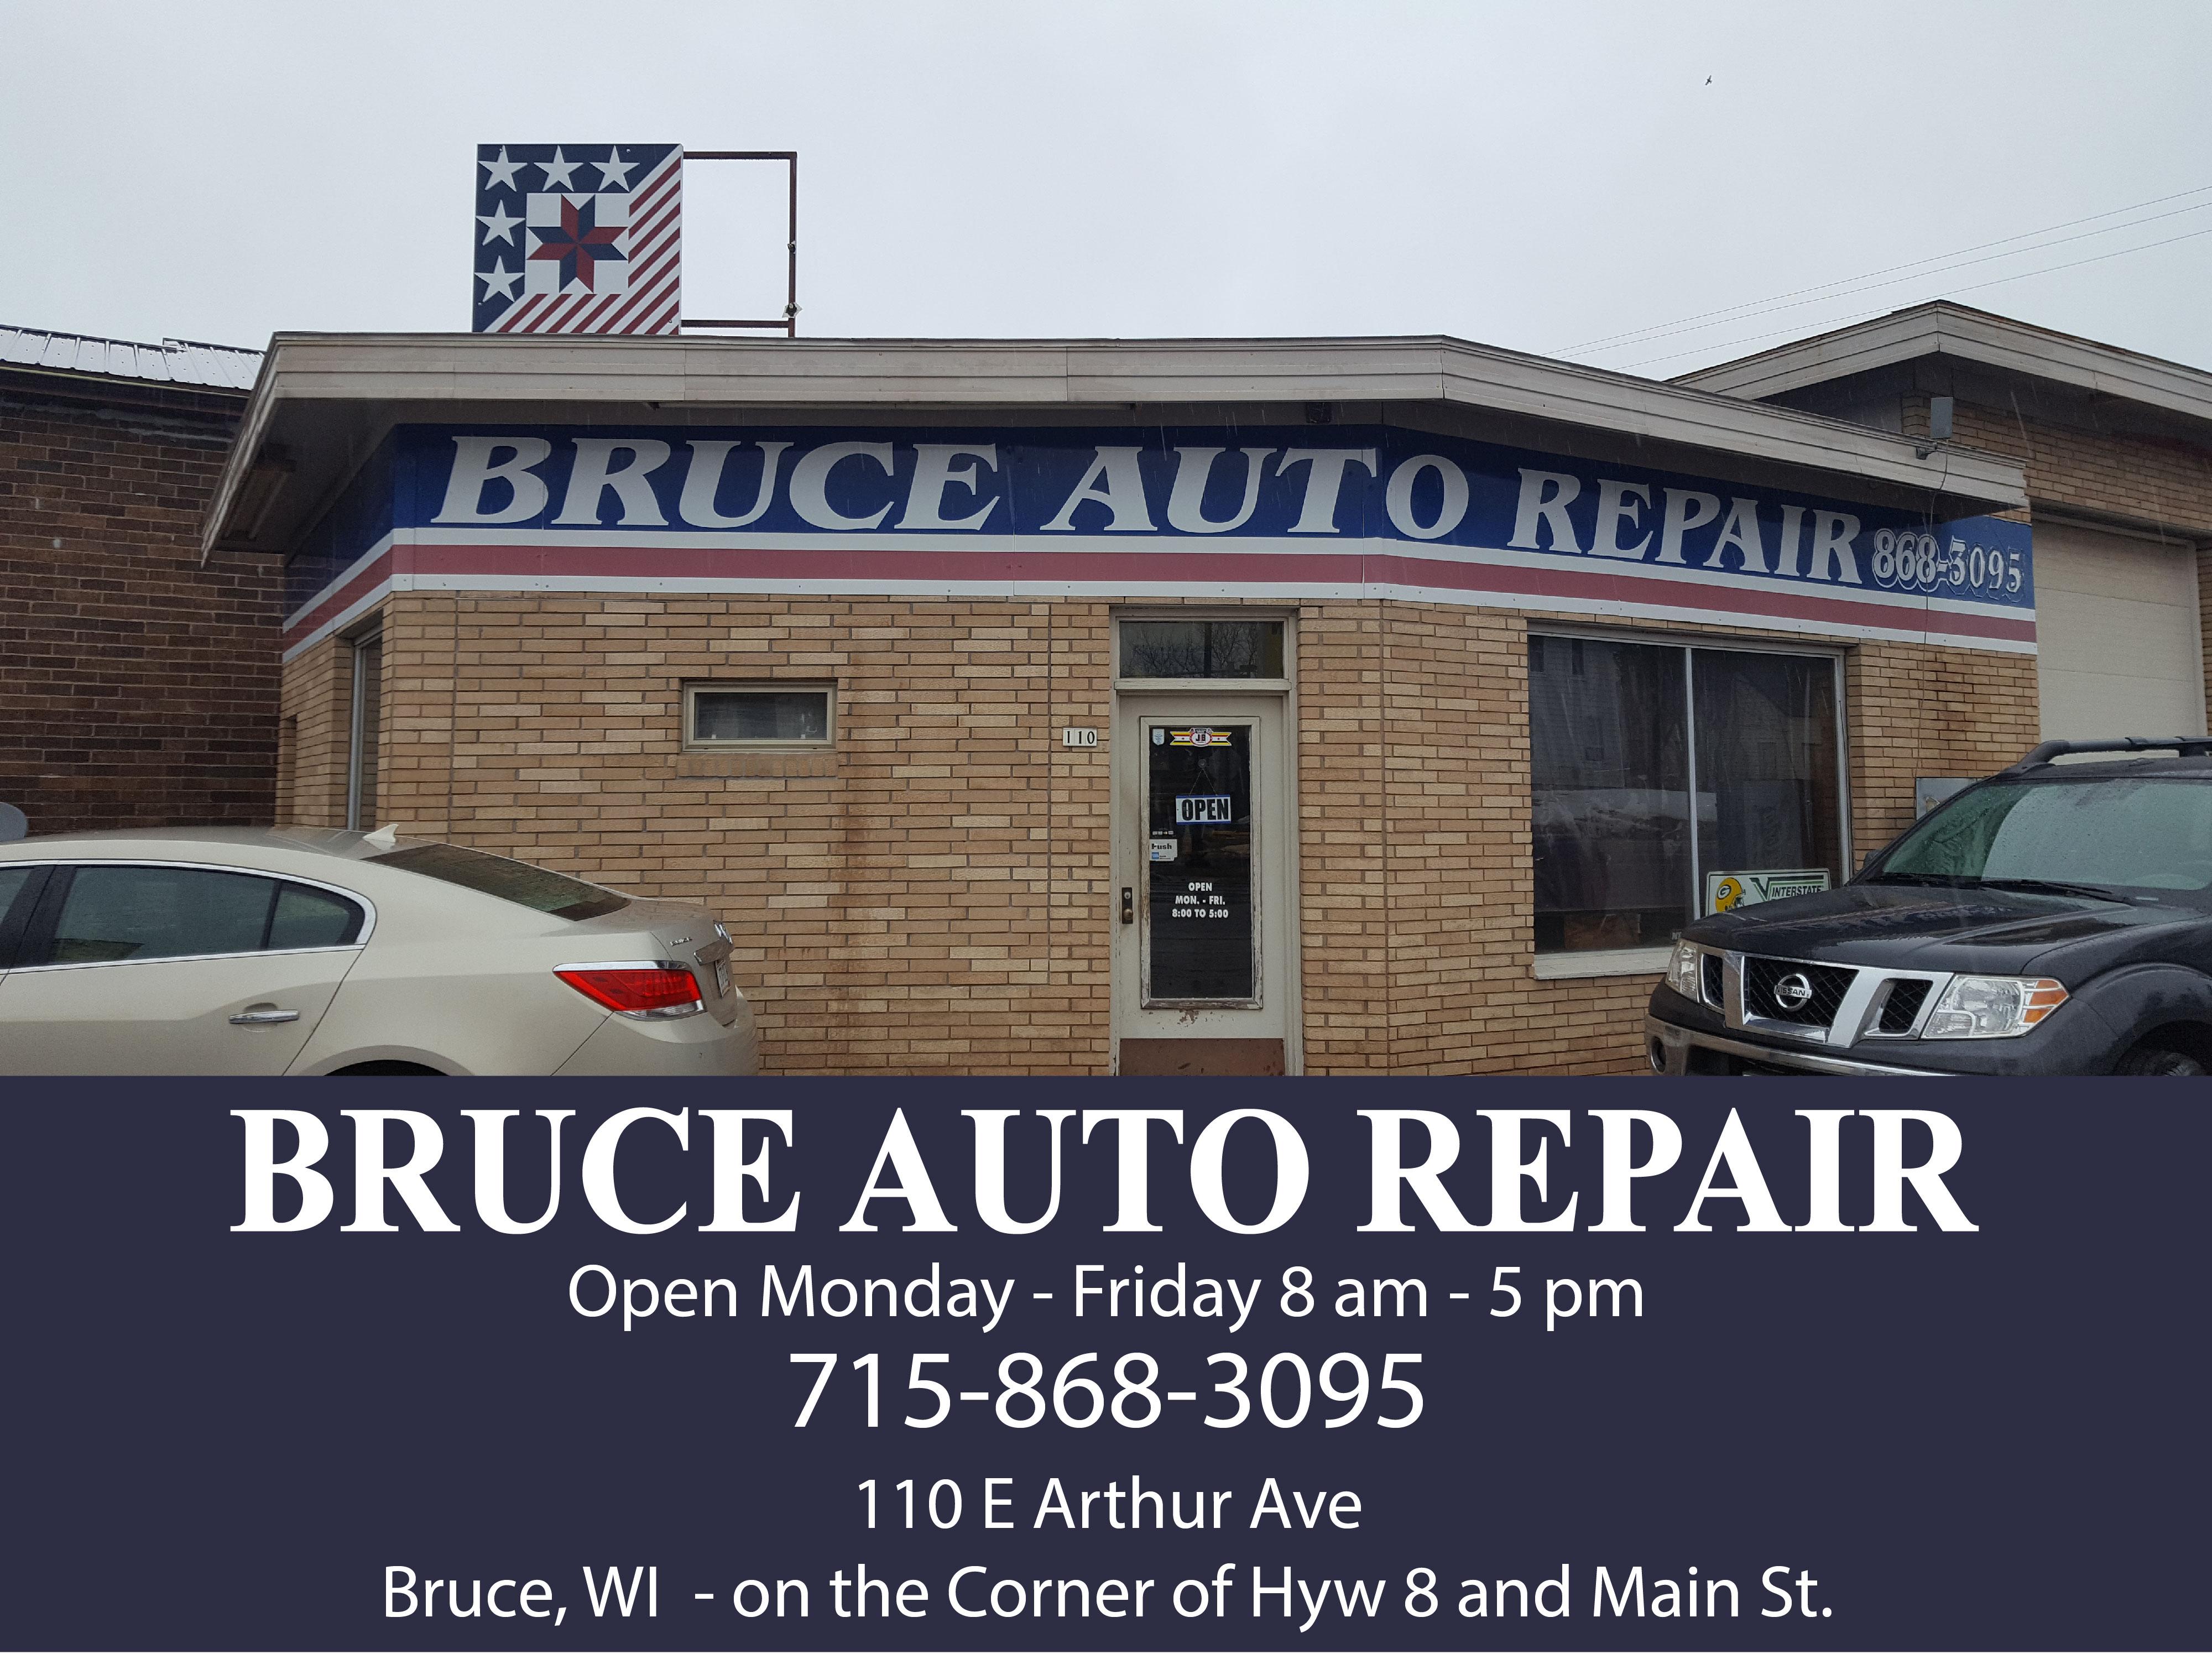 Bruce Auto Repair